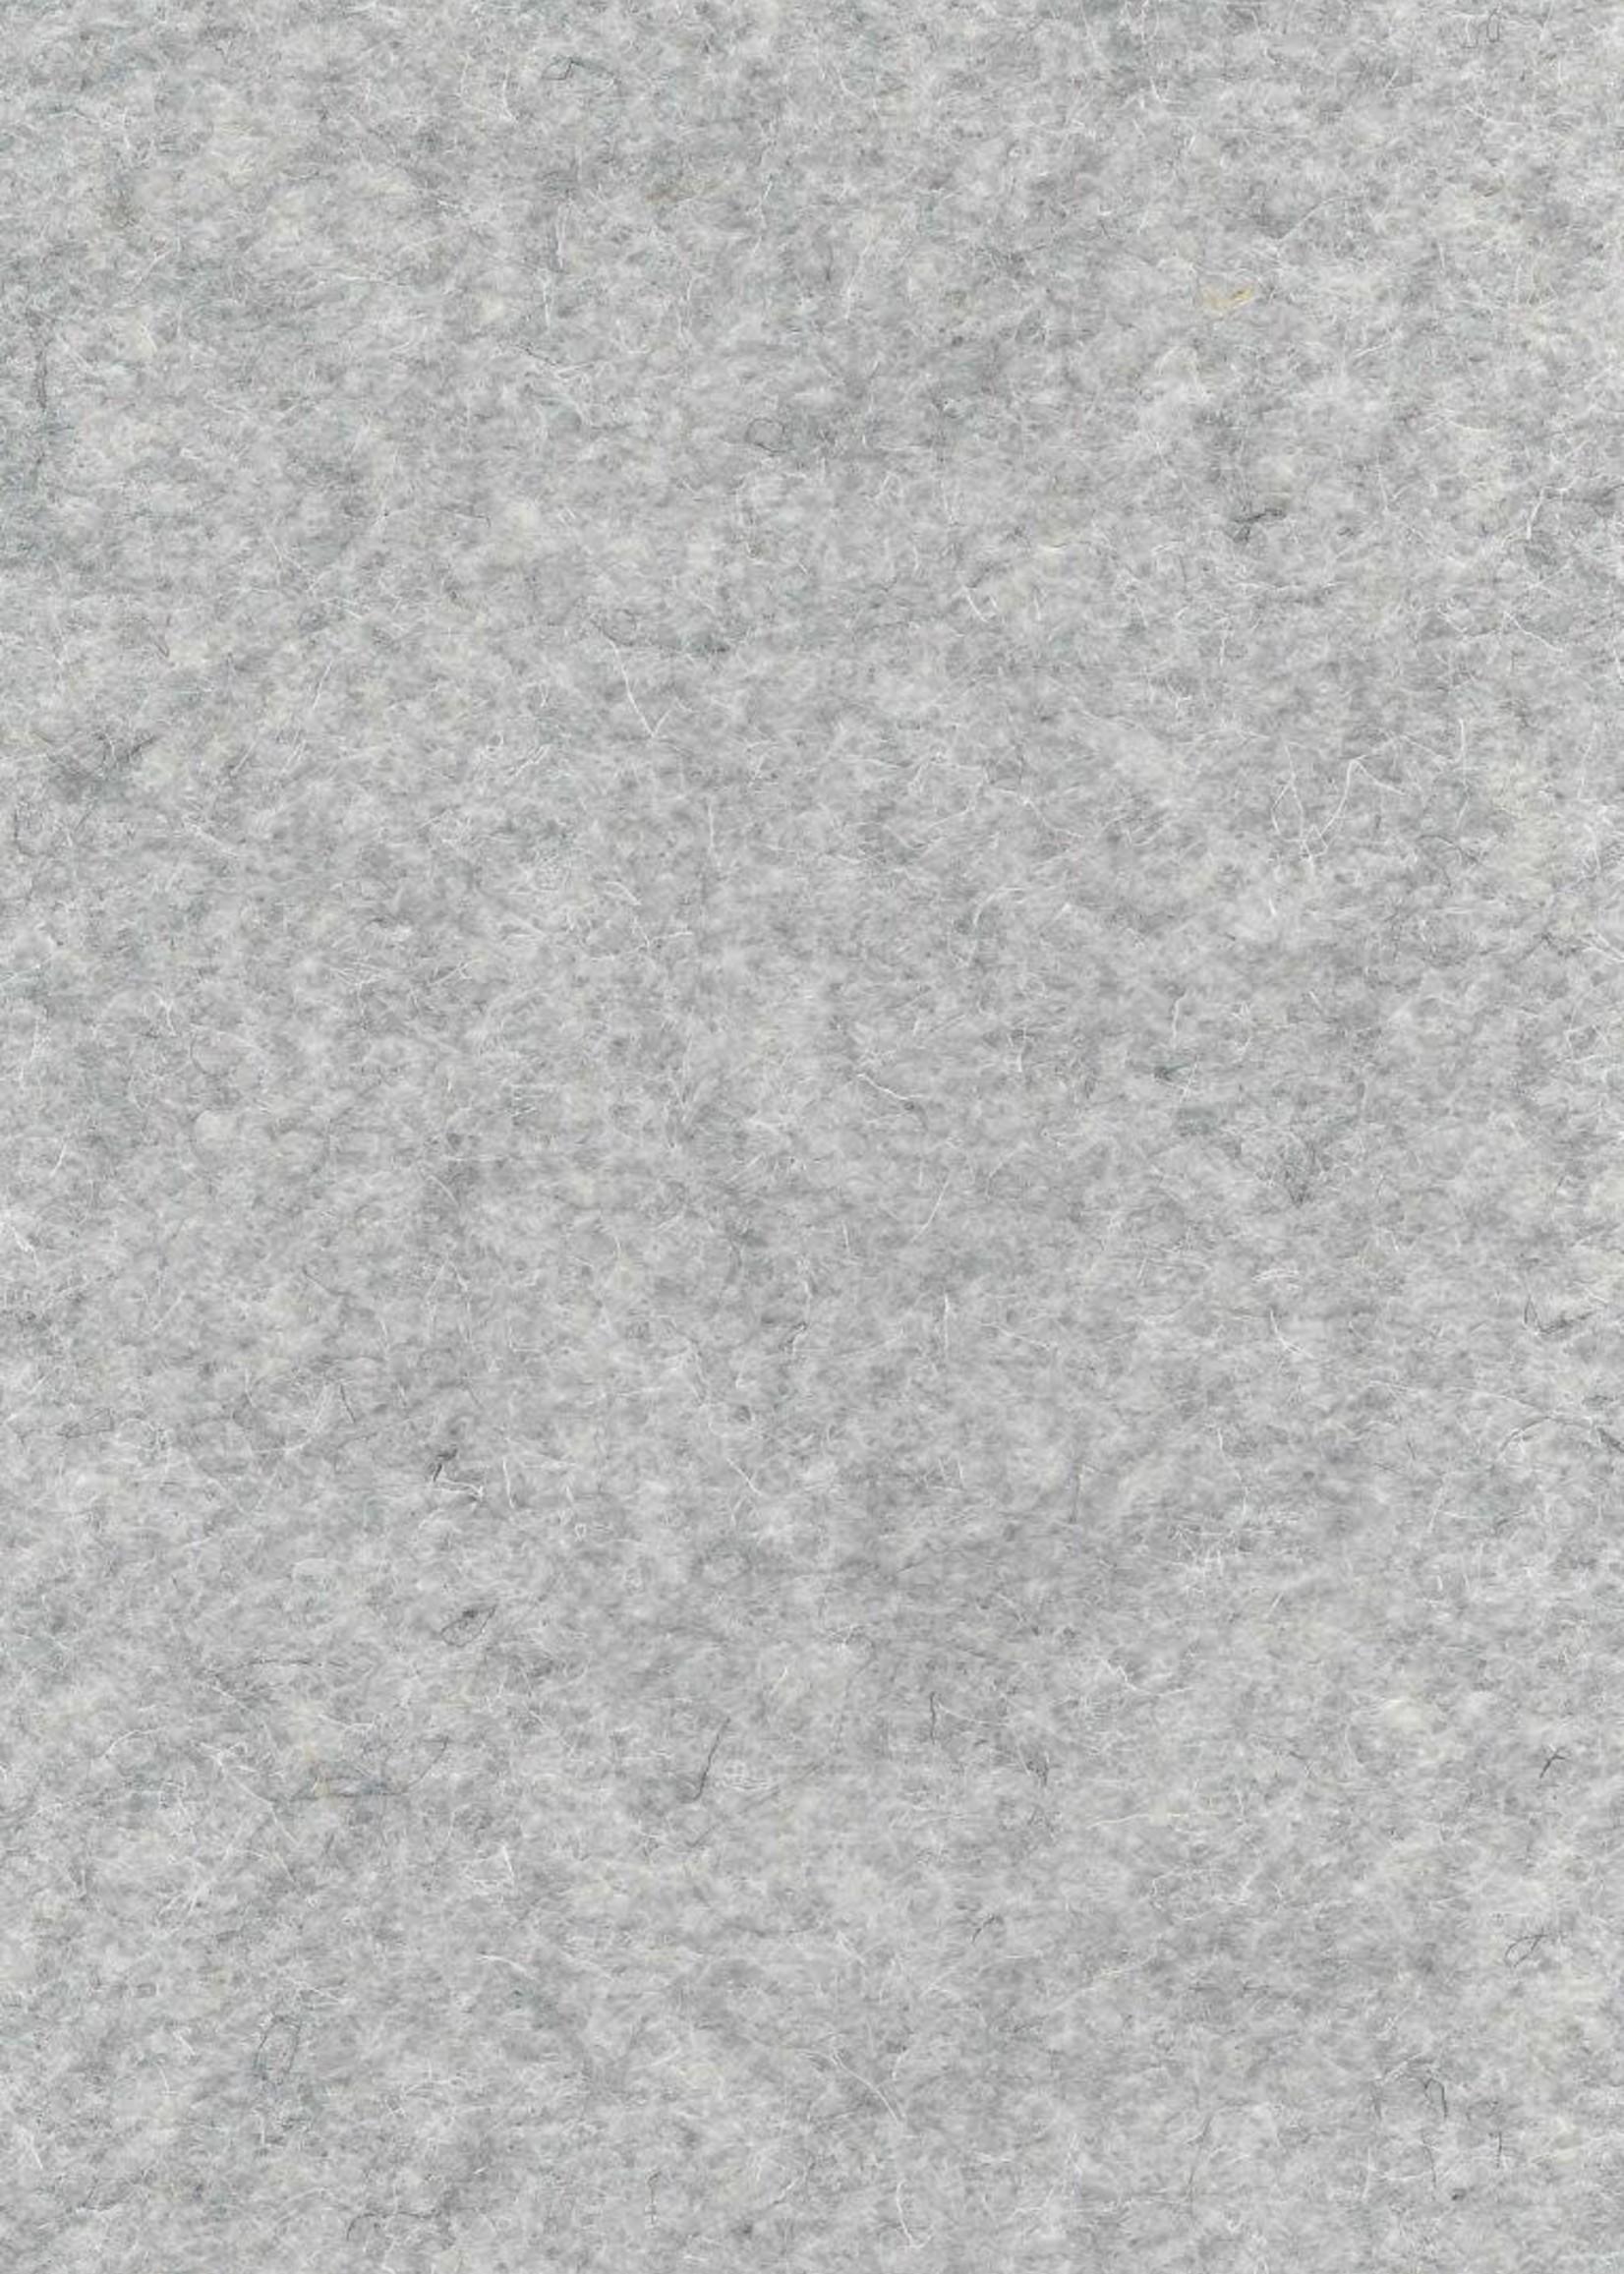 Bhedawool Bhedawool #0490 Soft Grey